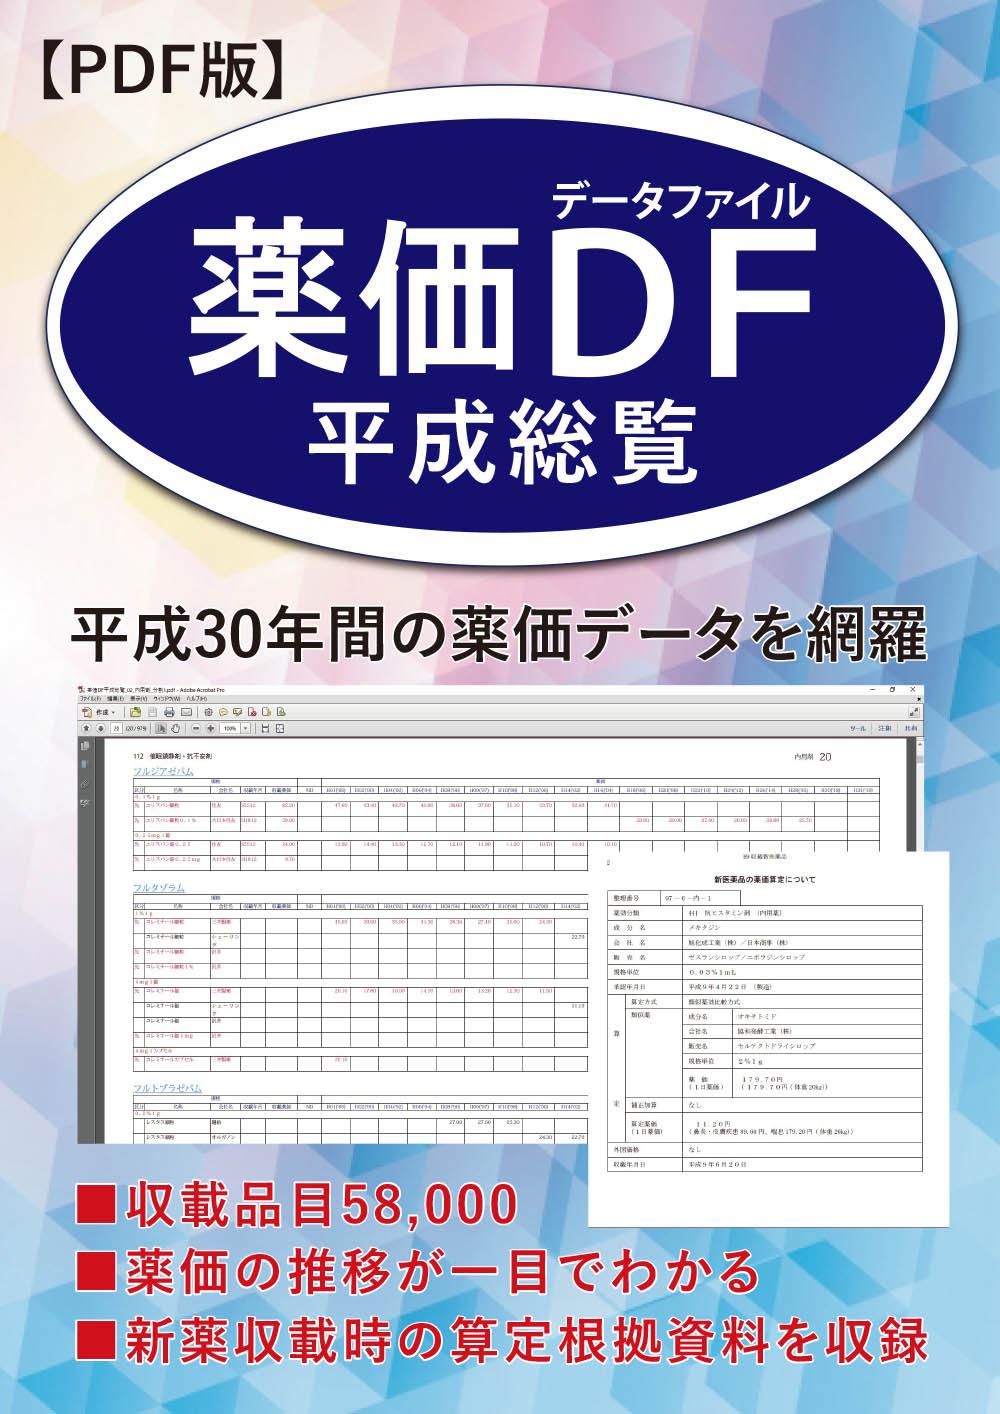 薬価データファイル平成総覧(PDF版)